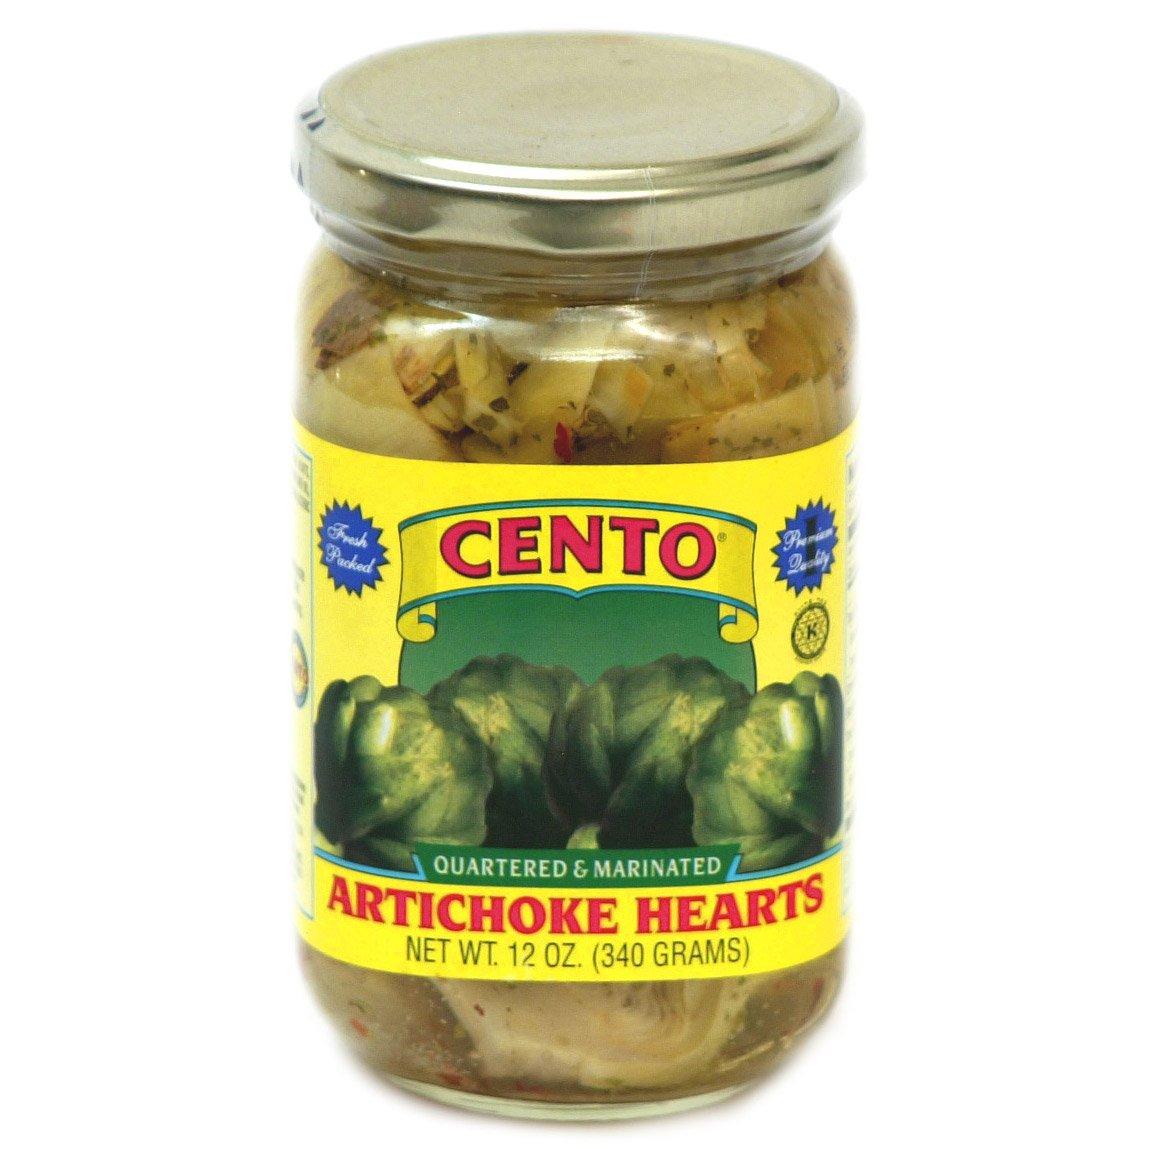 Cento - Marinated Artichoke Hearts, (4)- 12 oz. Jars